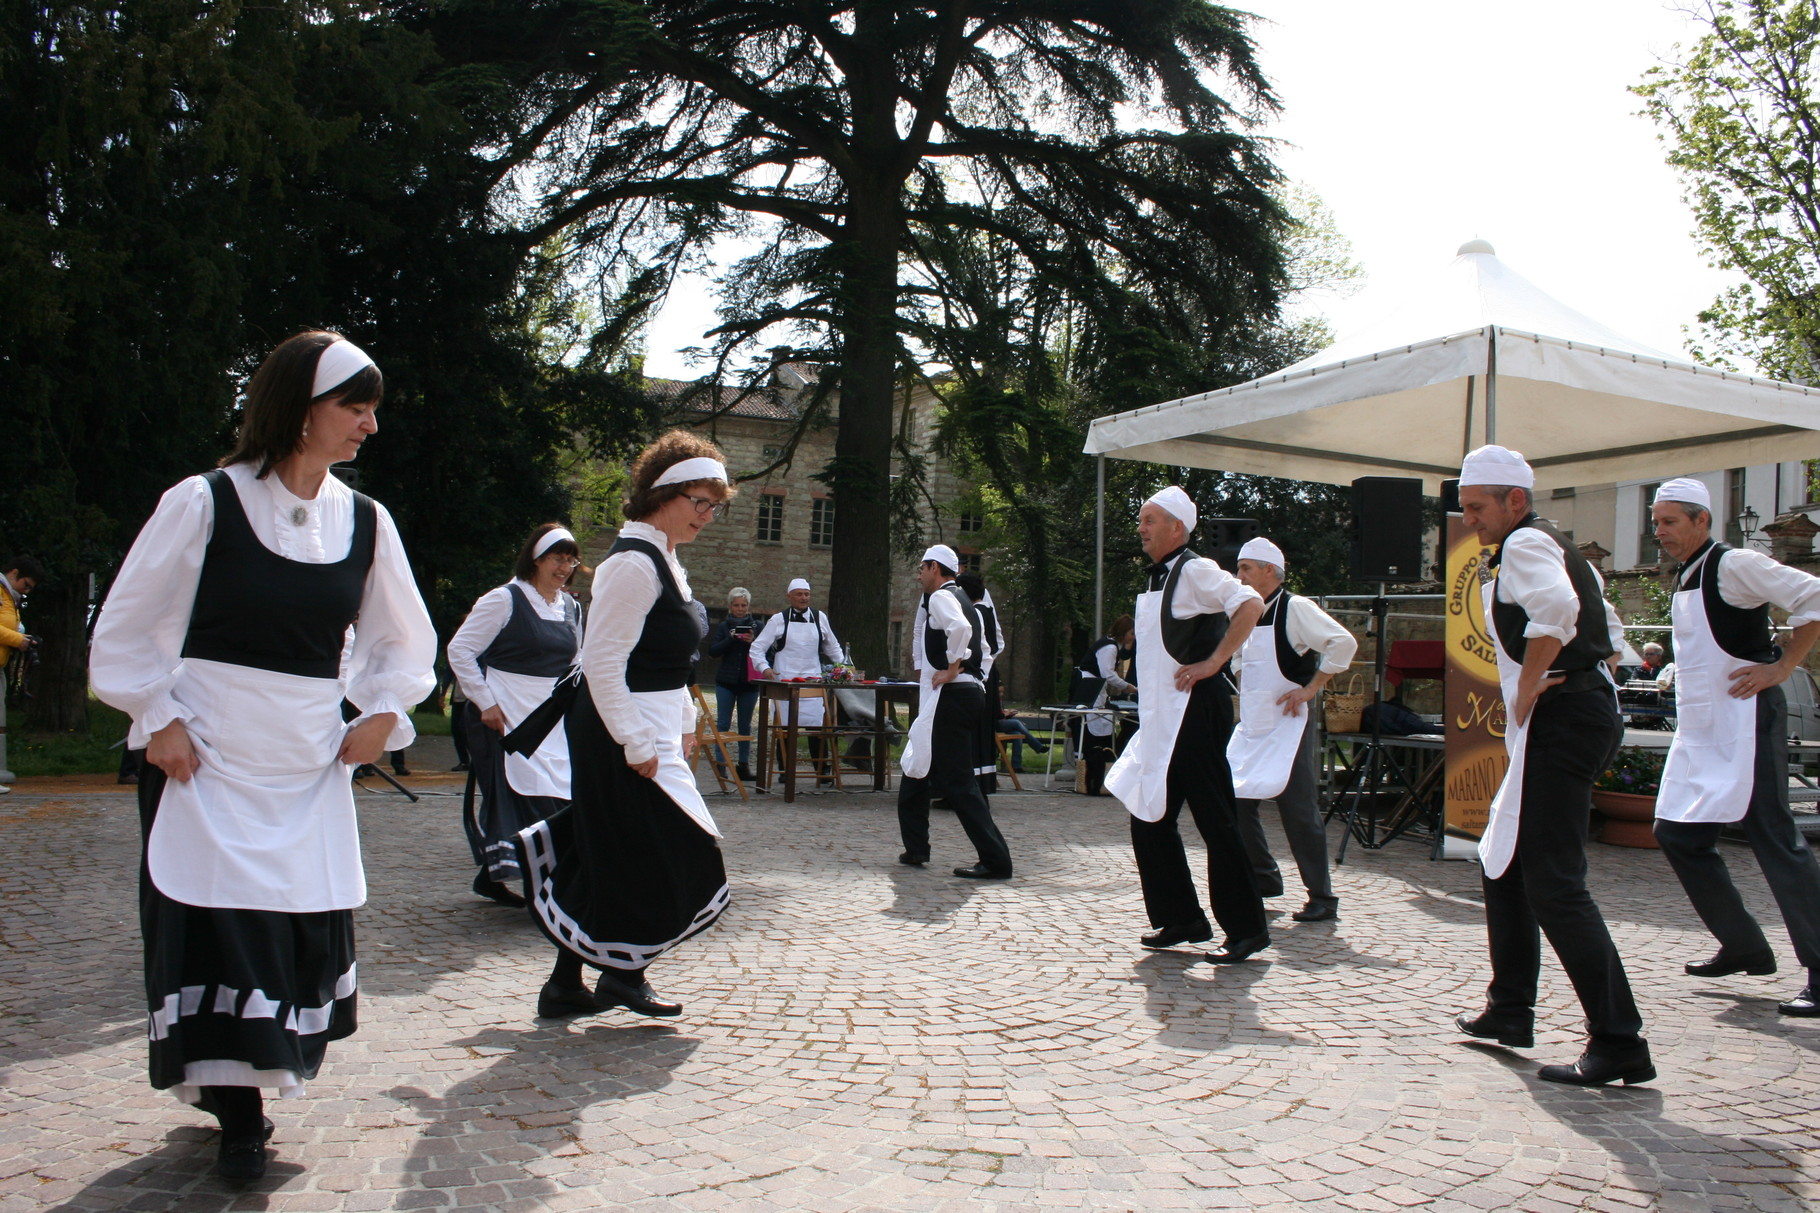 Danzatori in Piazza del Popolo durante Golosaria